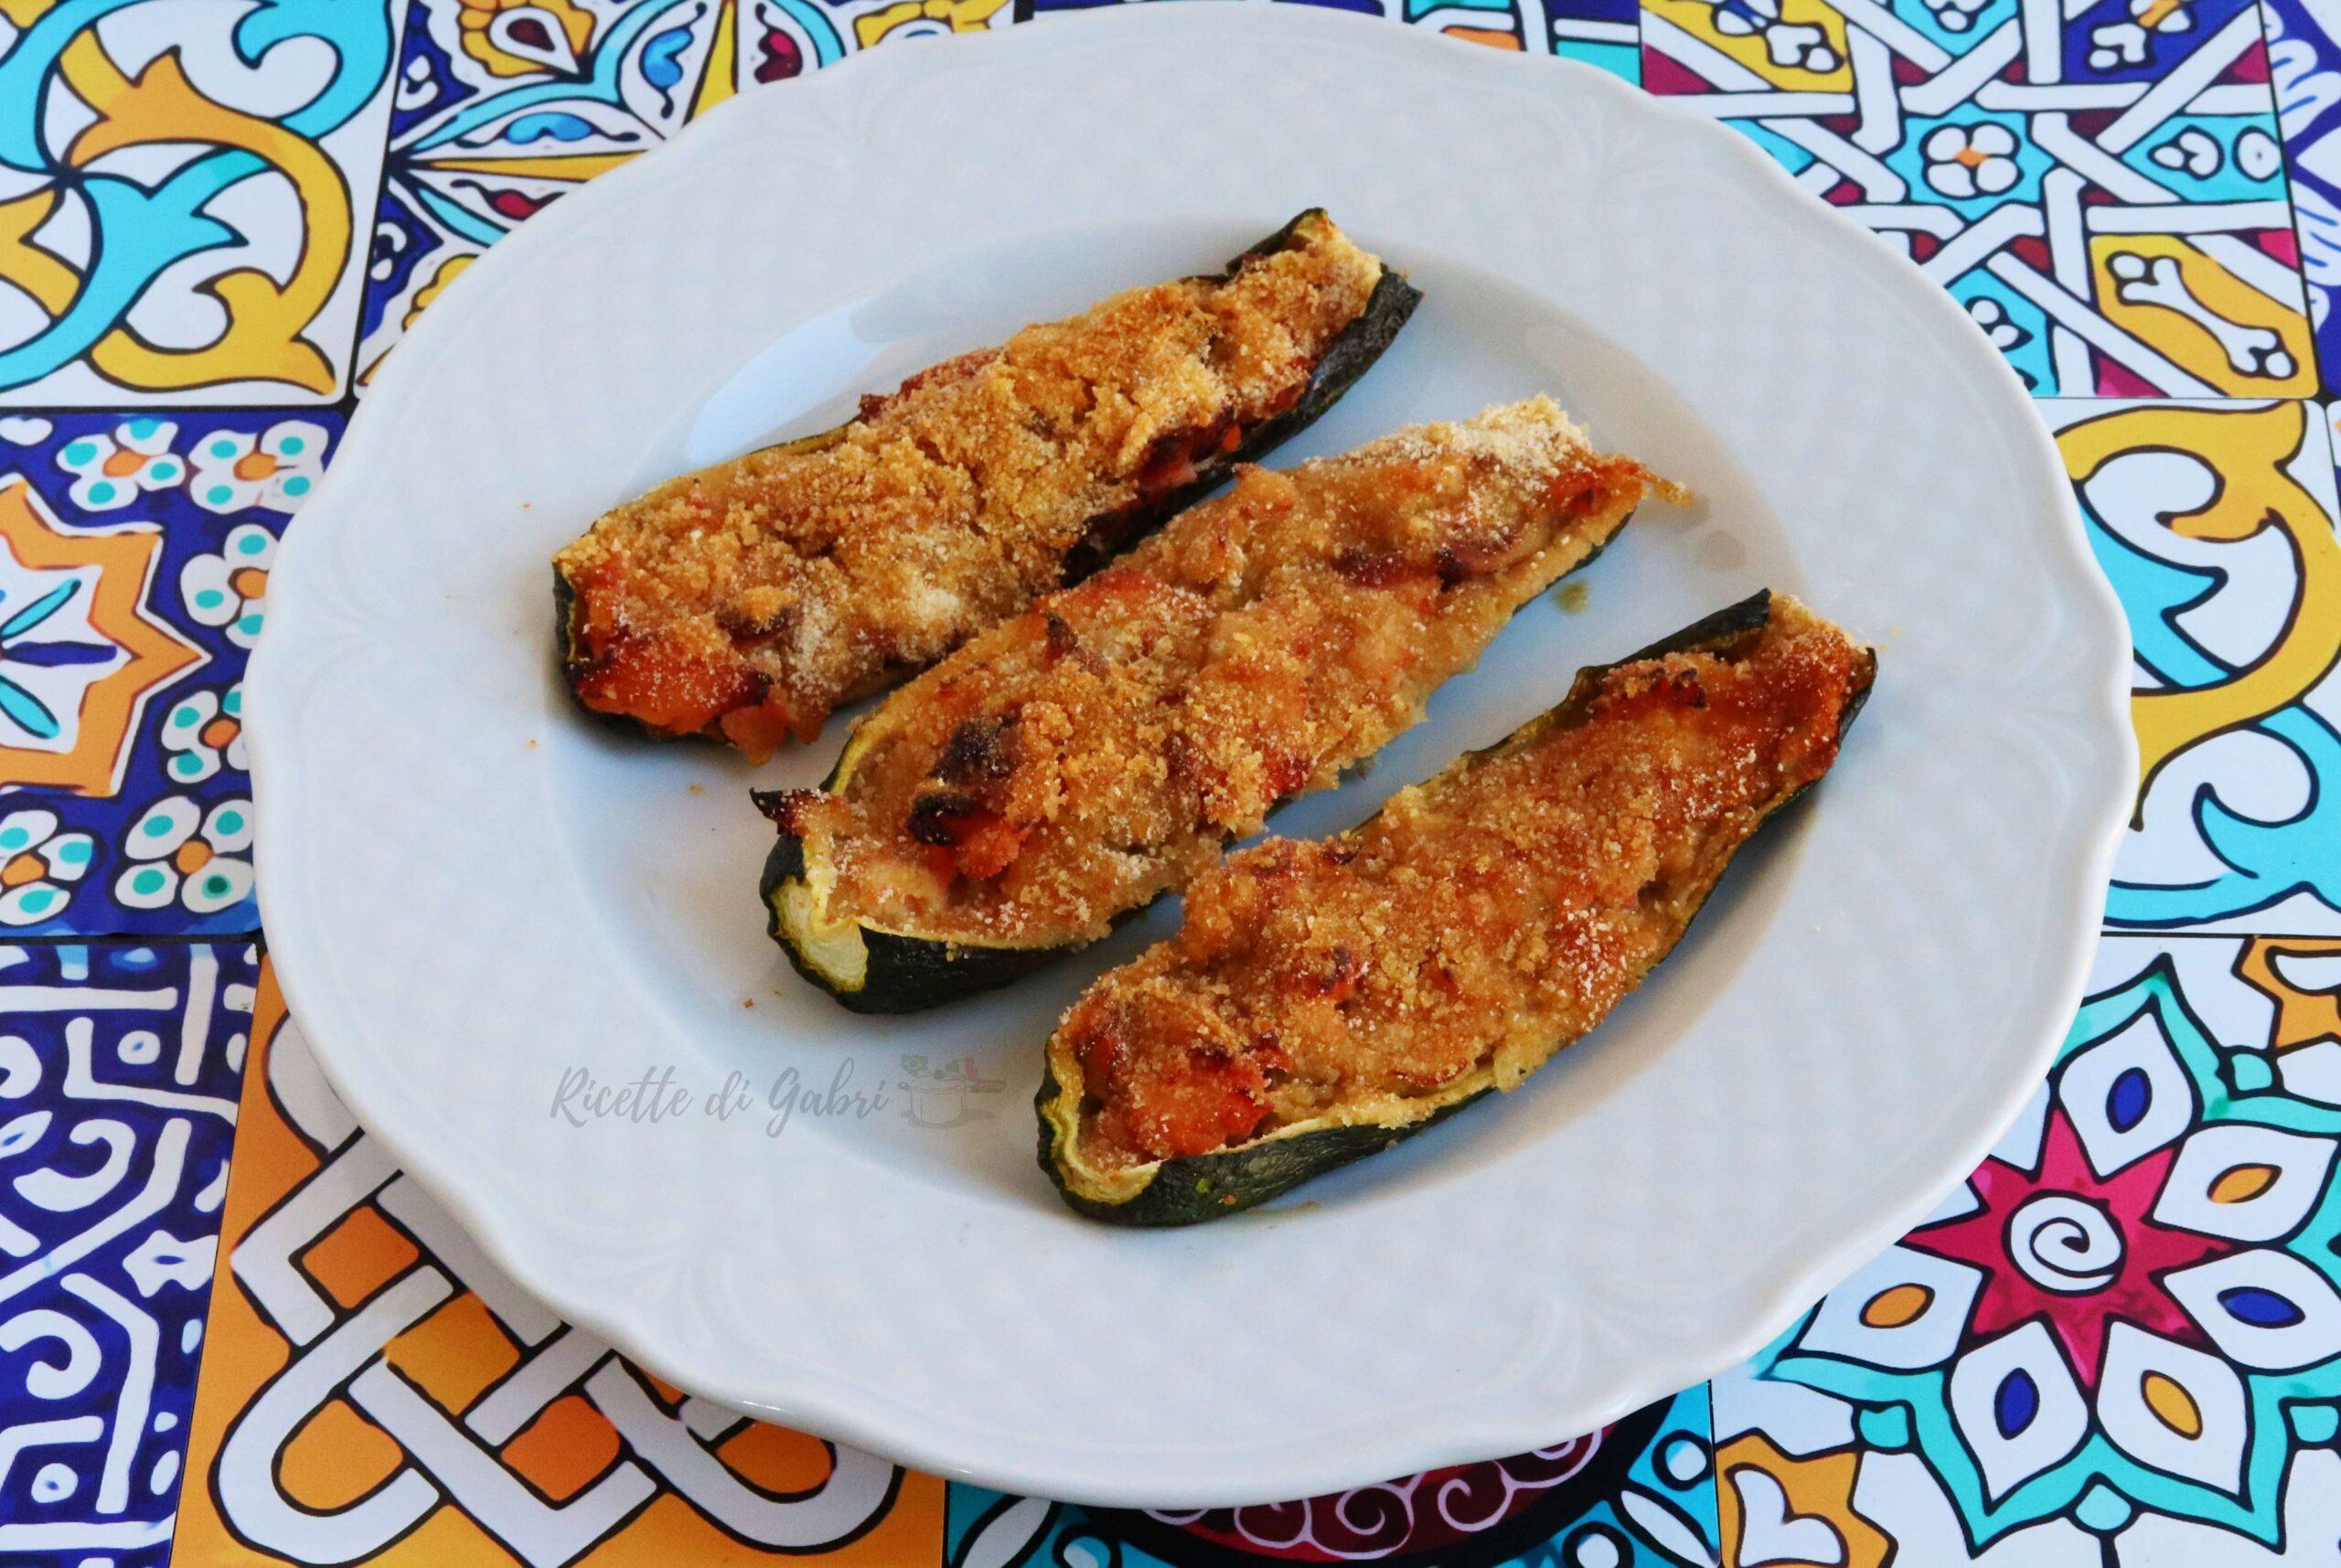 zucchine ripiene di salmone cotte in forno ricetta facile e veloce di gabri senza carne